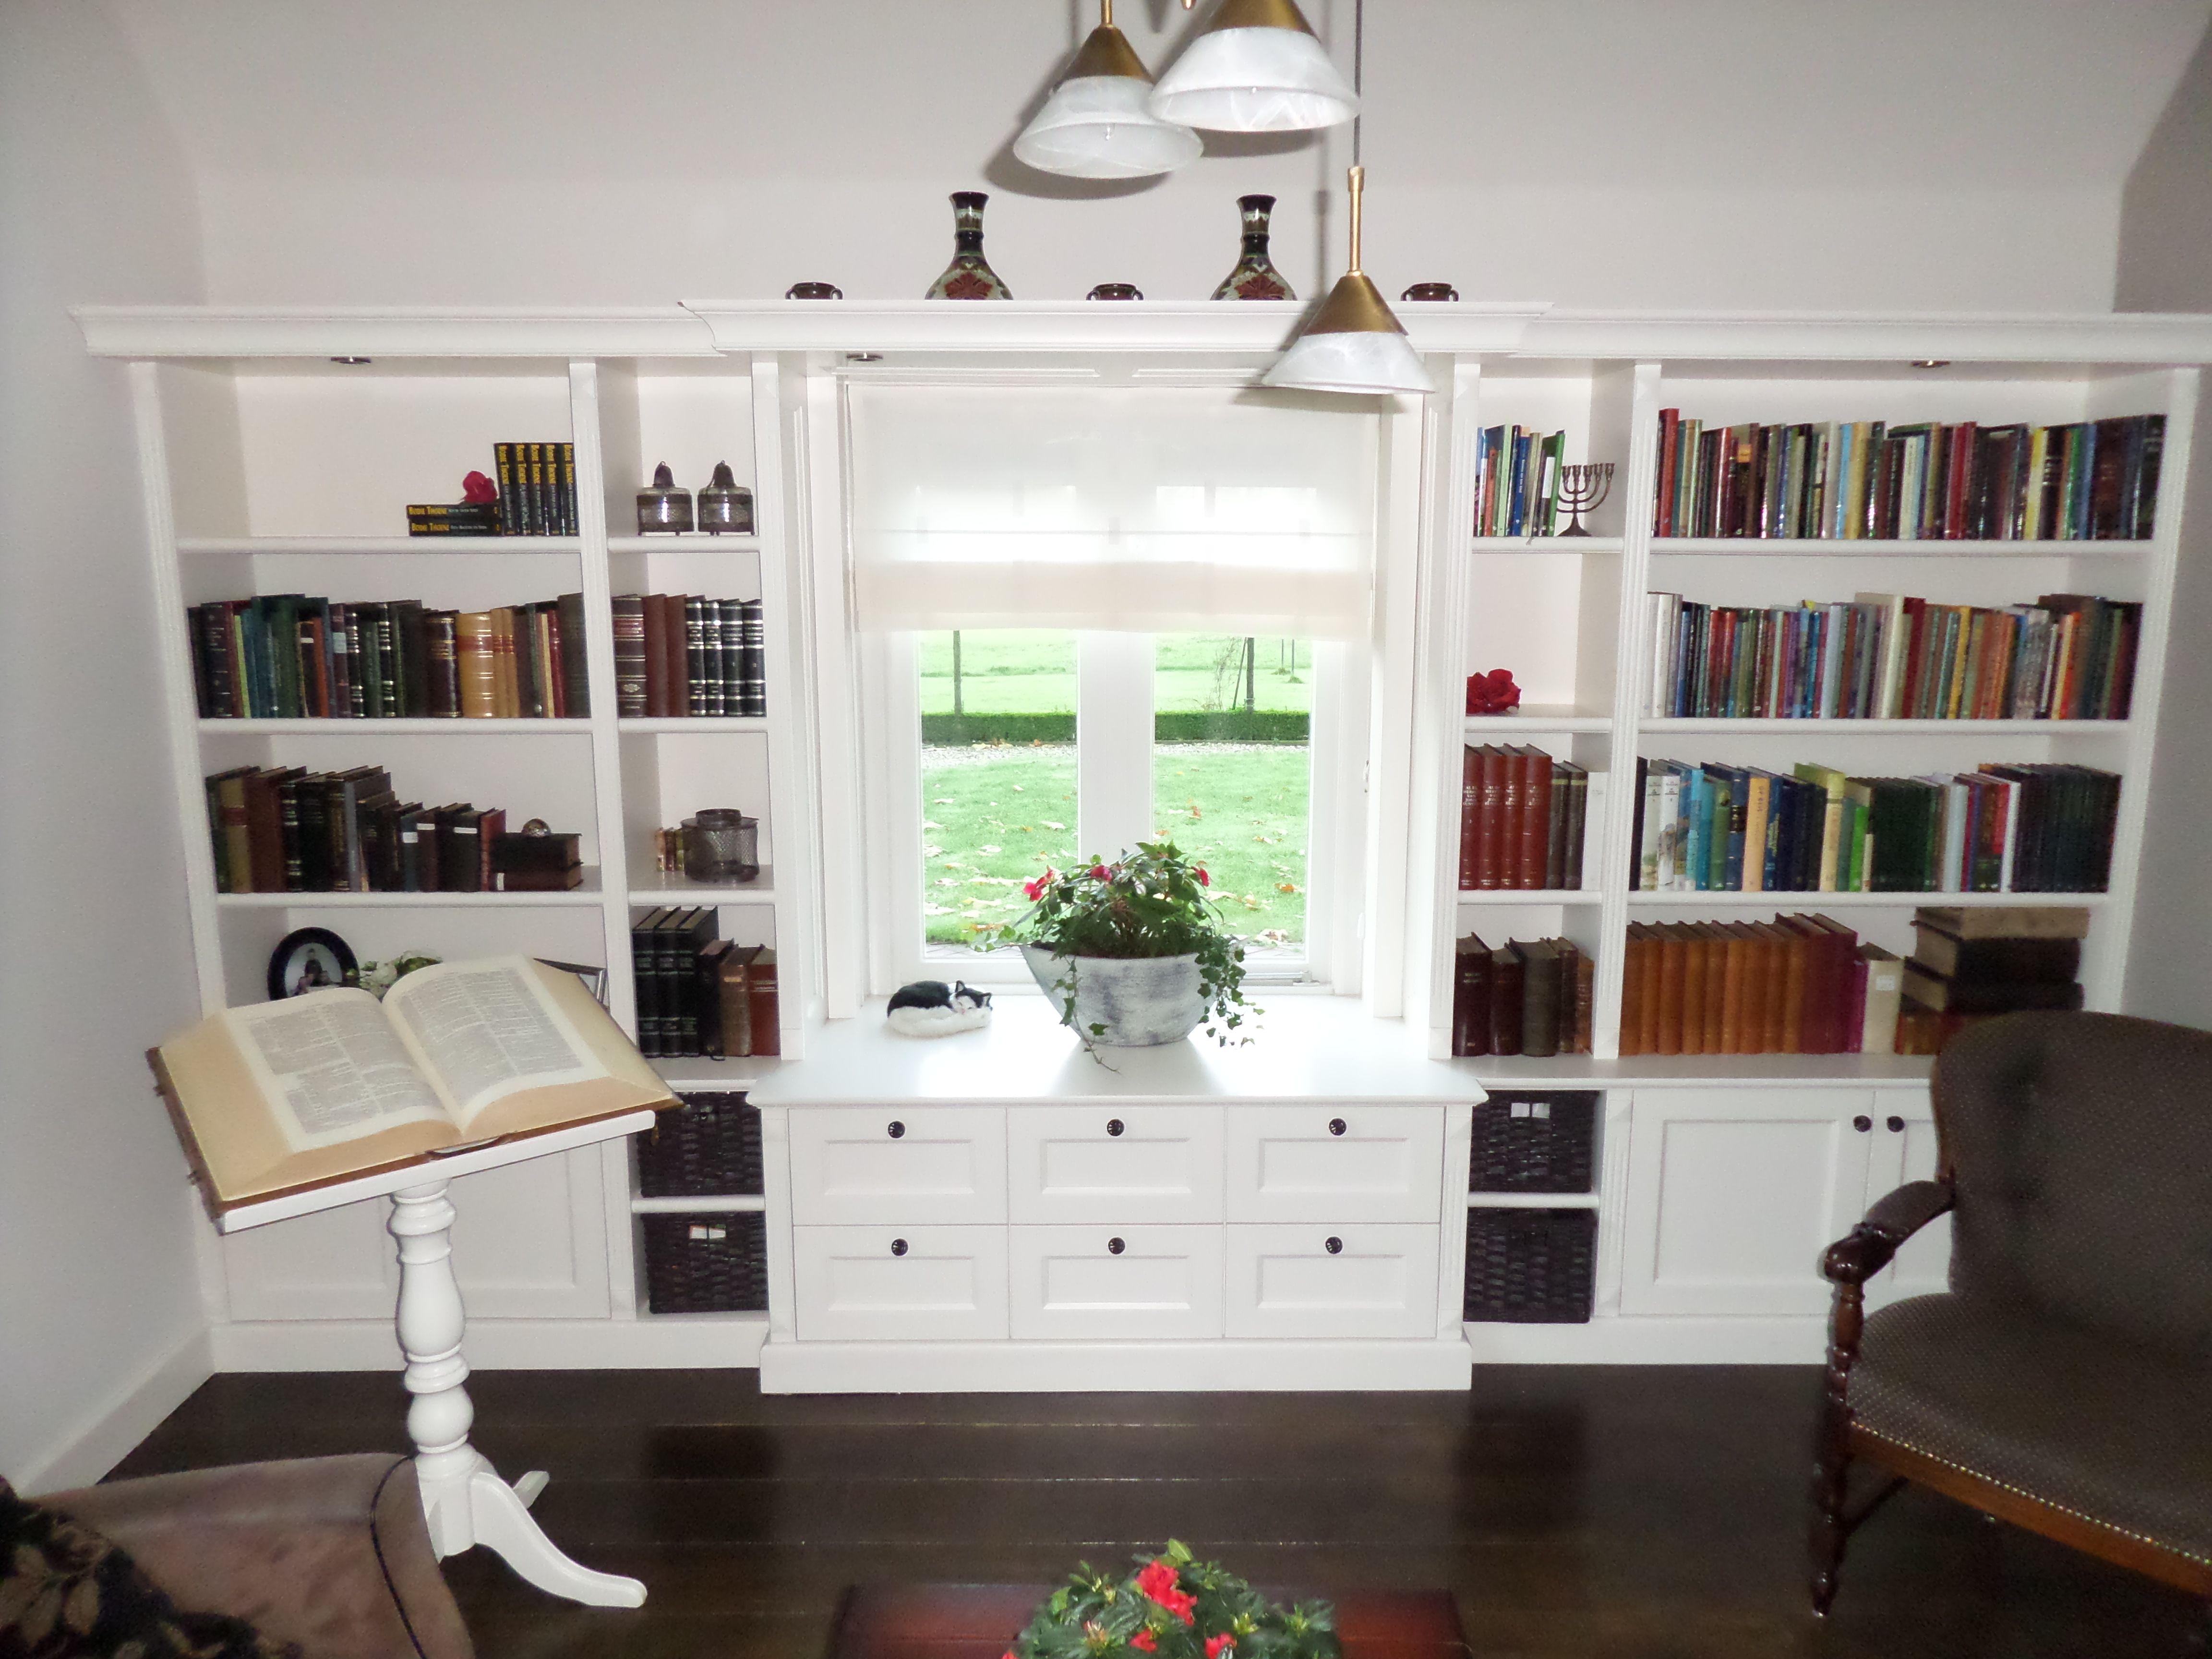 kamer en suite kast boekenkast inbouwkast inbouw landelijk klassiek manden raam raamkozijn kast